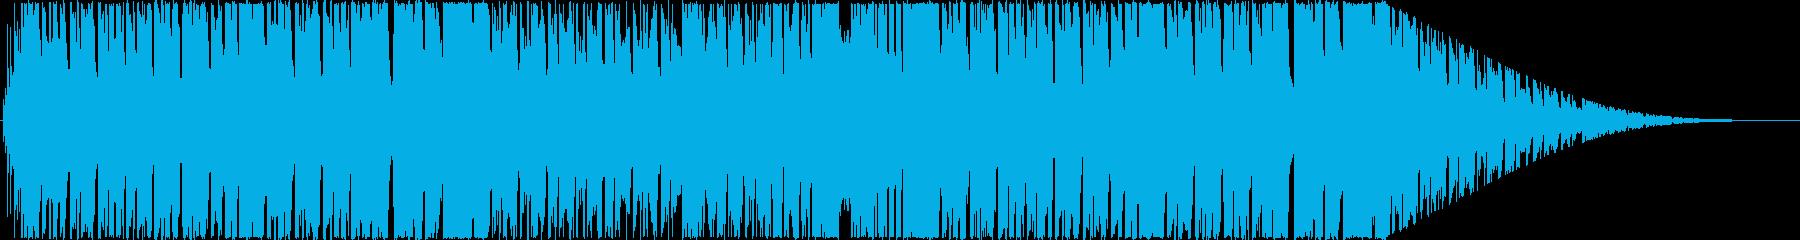 日常系ほのぼの、ブラス&オルガン曲の再生済みの波形